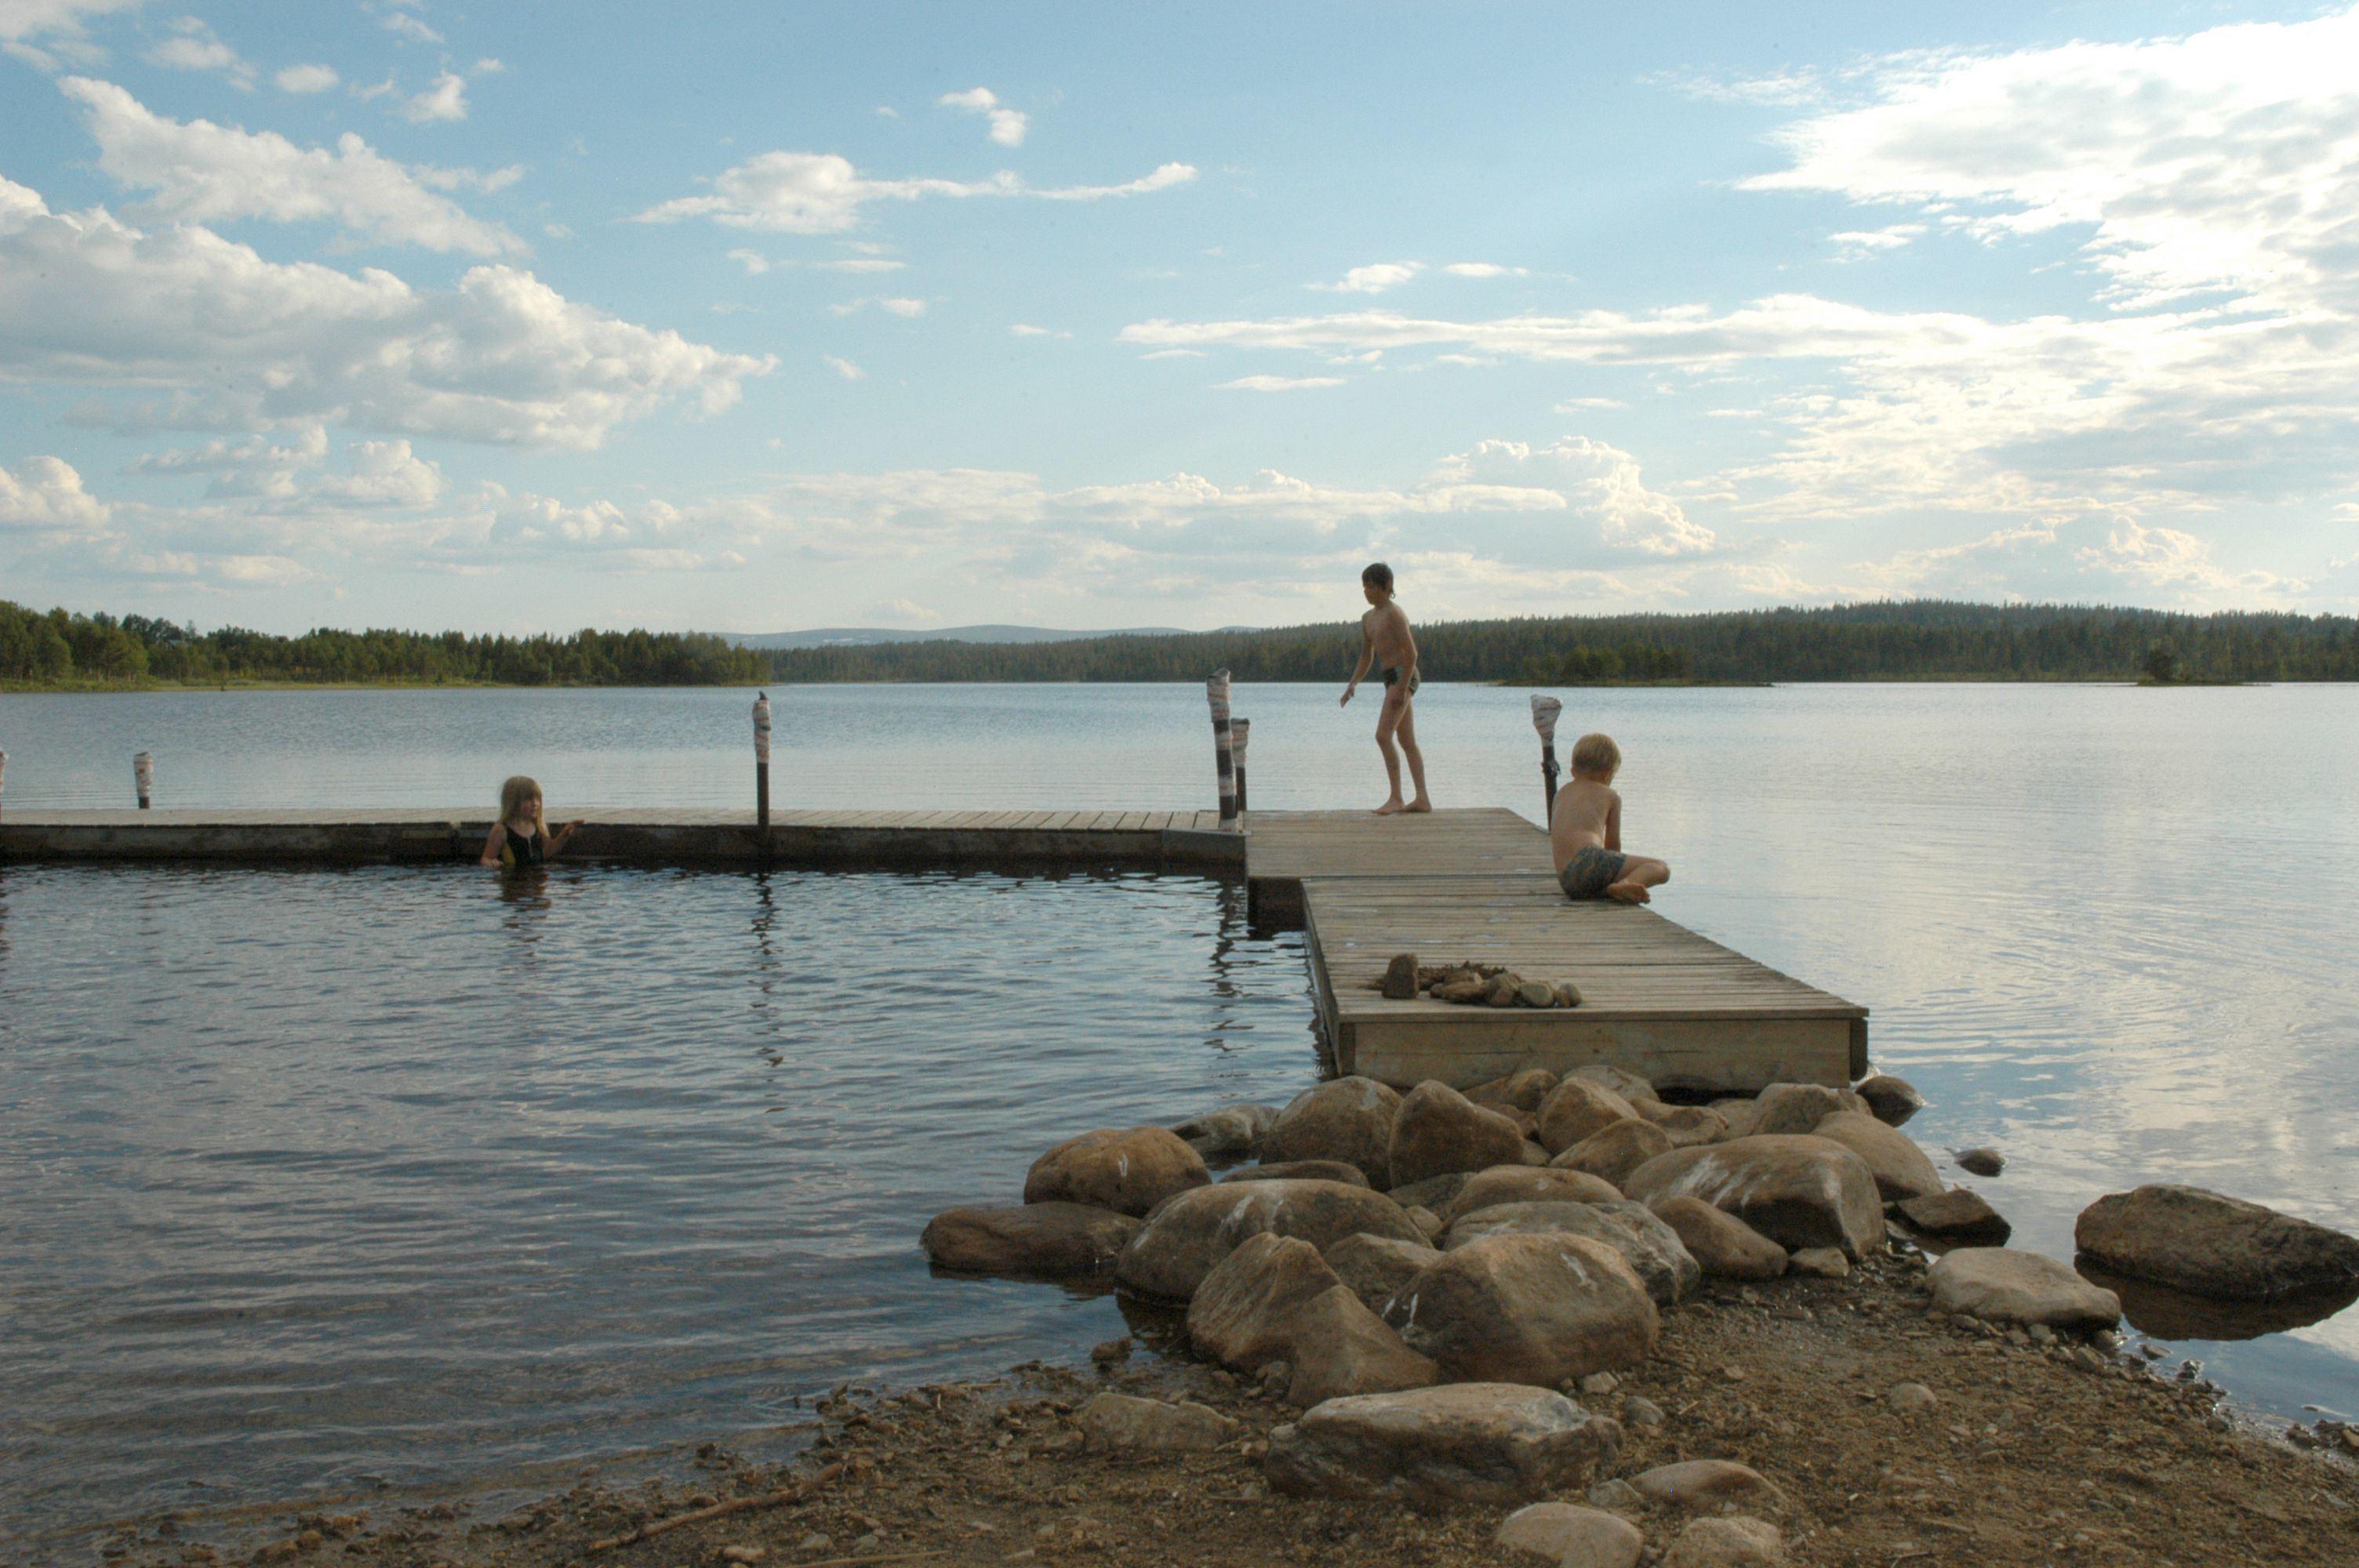 Drevdagens badplats